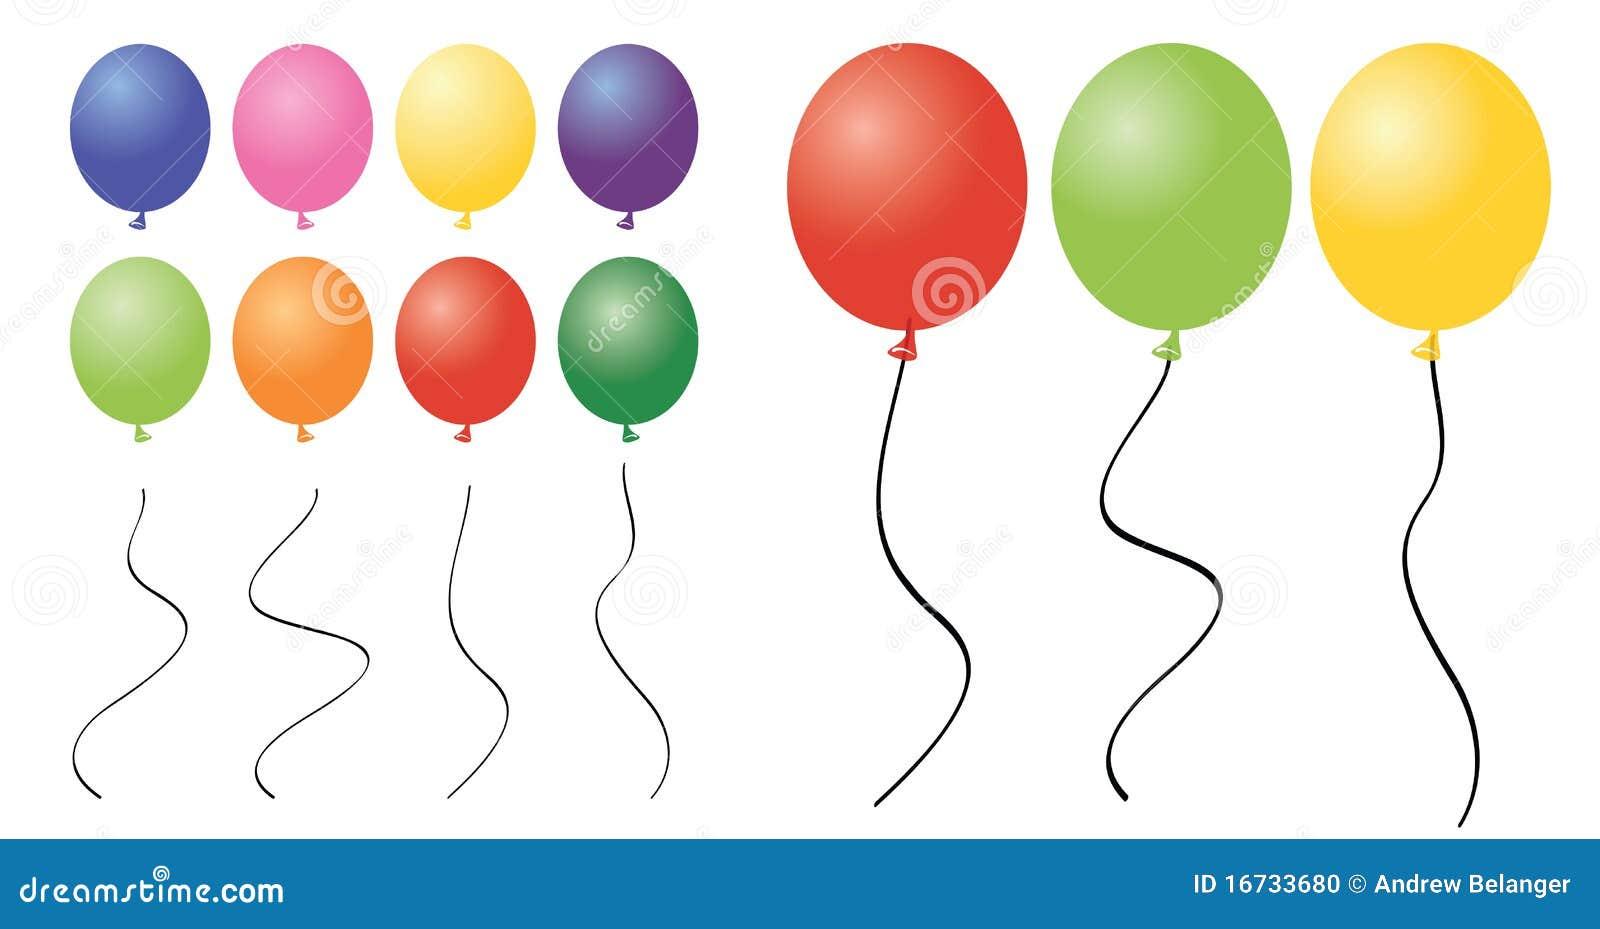 Clipart balonowi kawałki